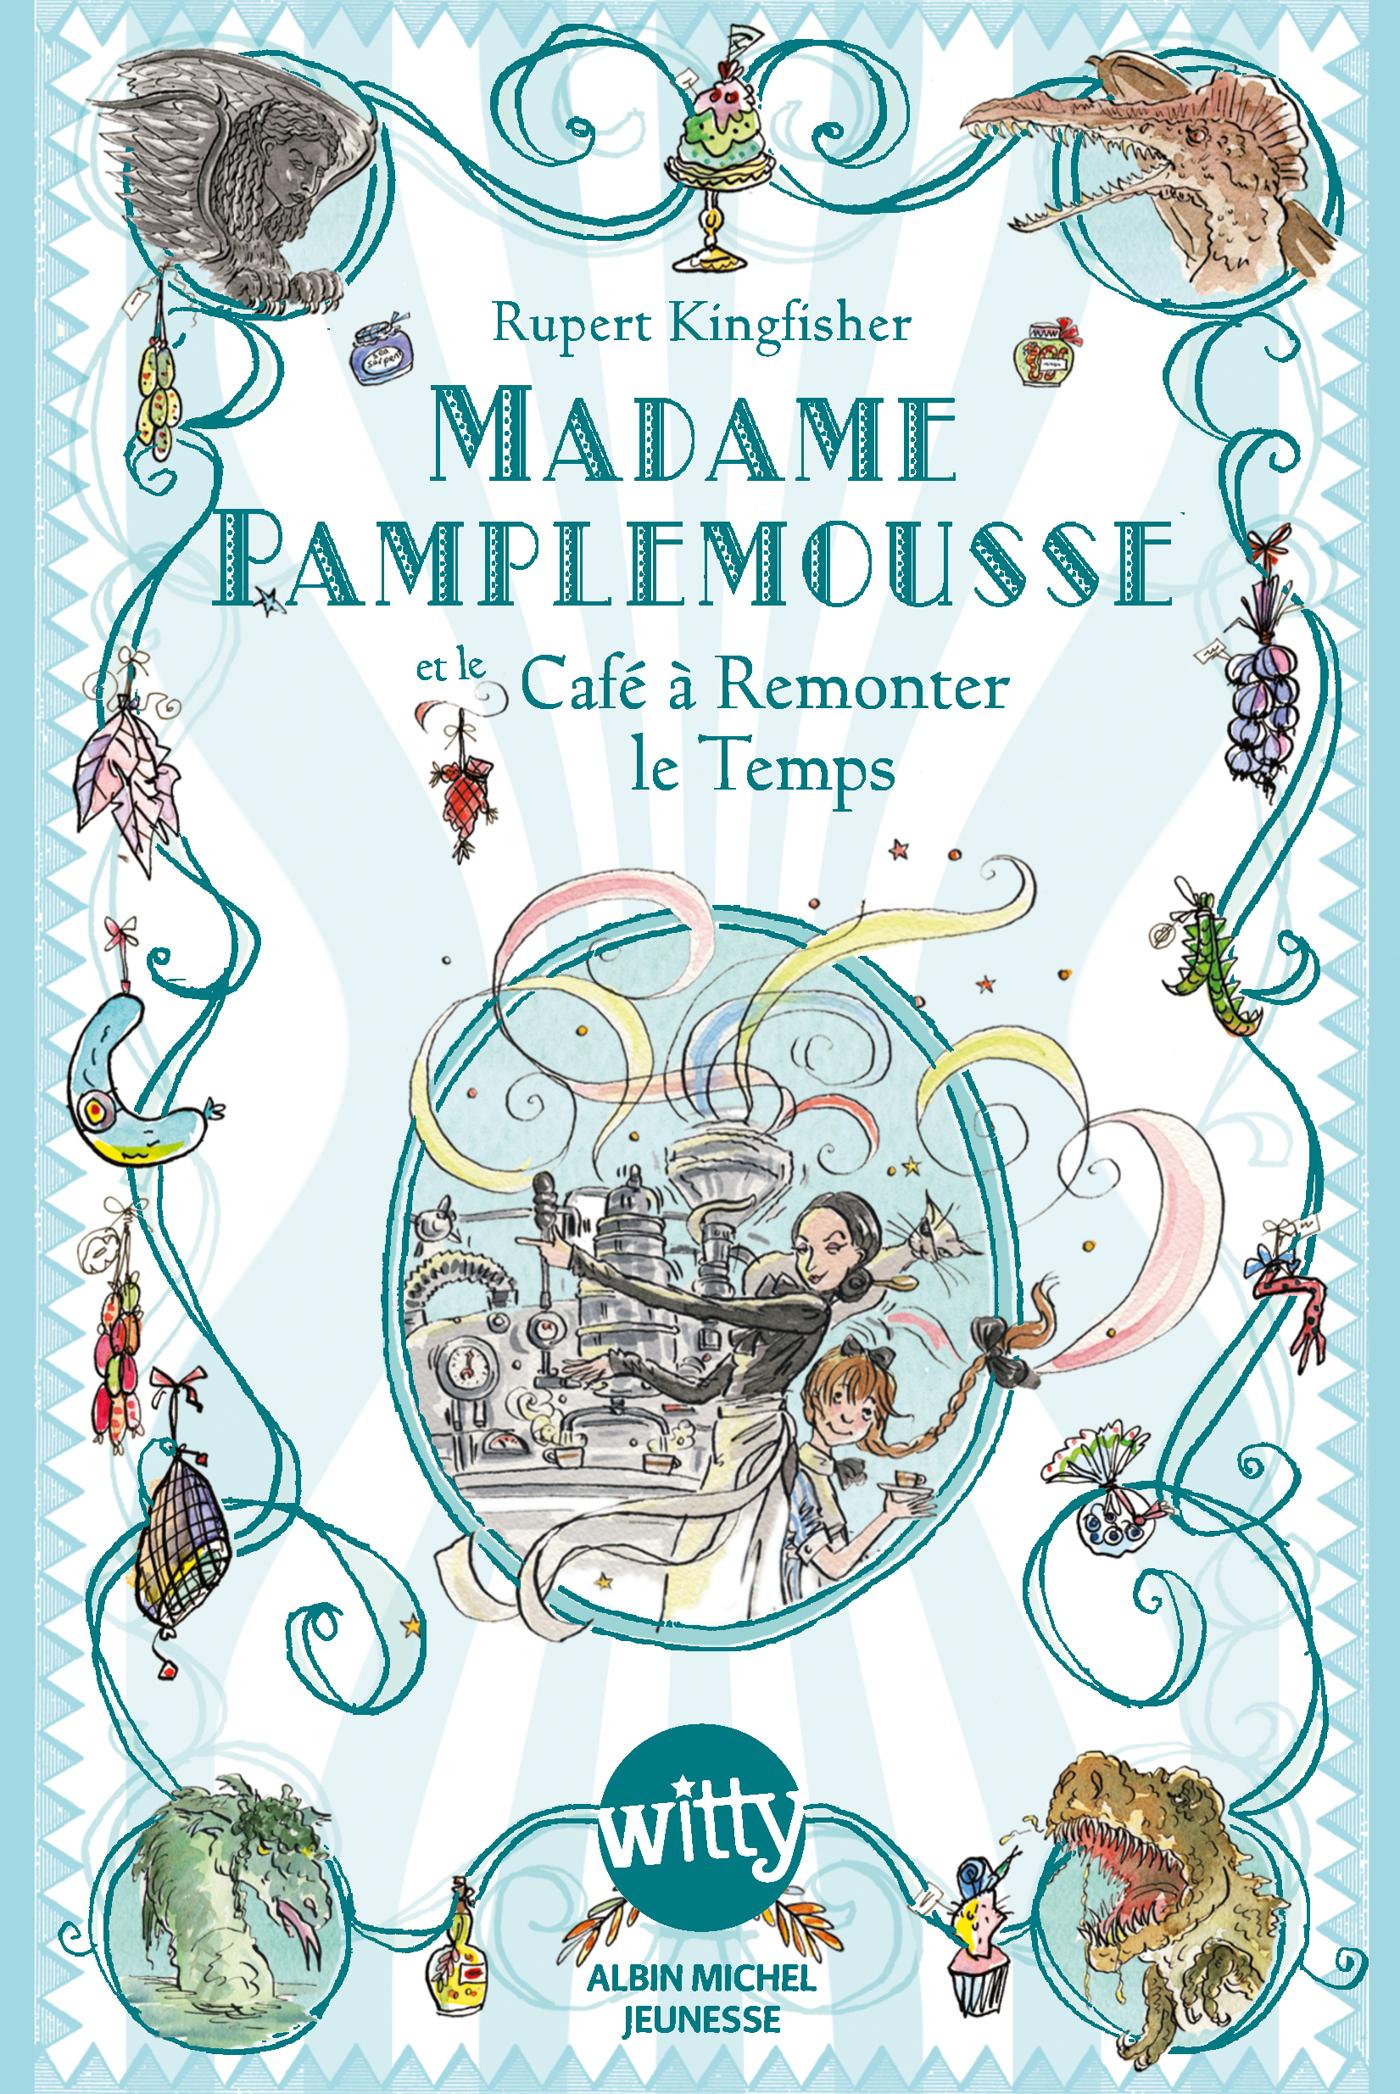 Madame Pamplemousse et le Café à Remonter le Temps - tome 2 | Kingfisher, Rupert. Auteur